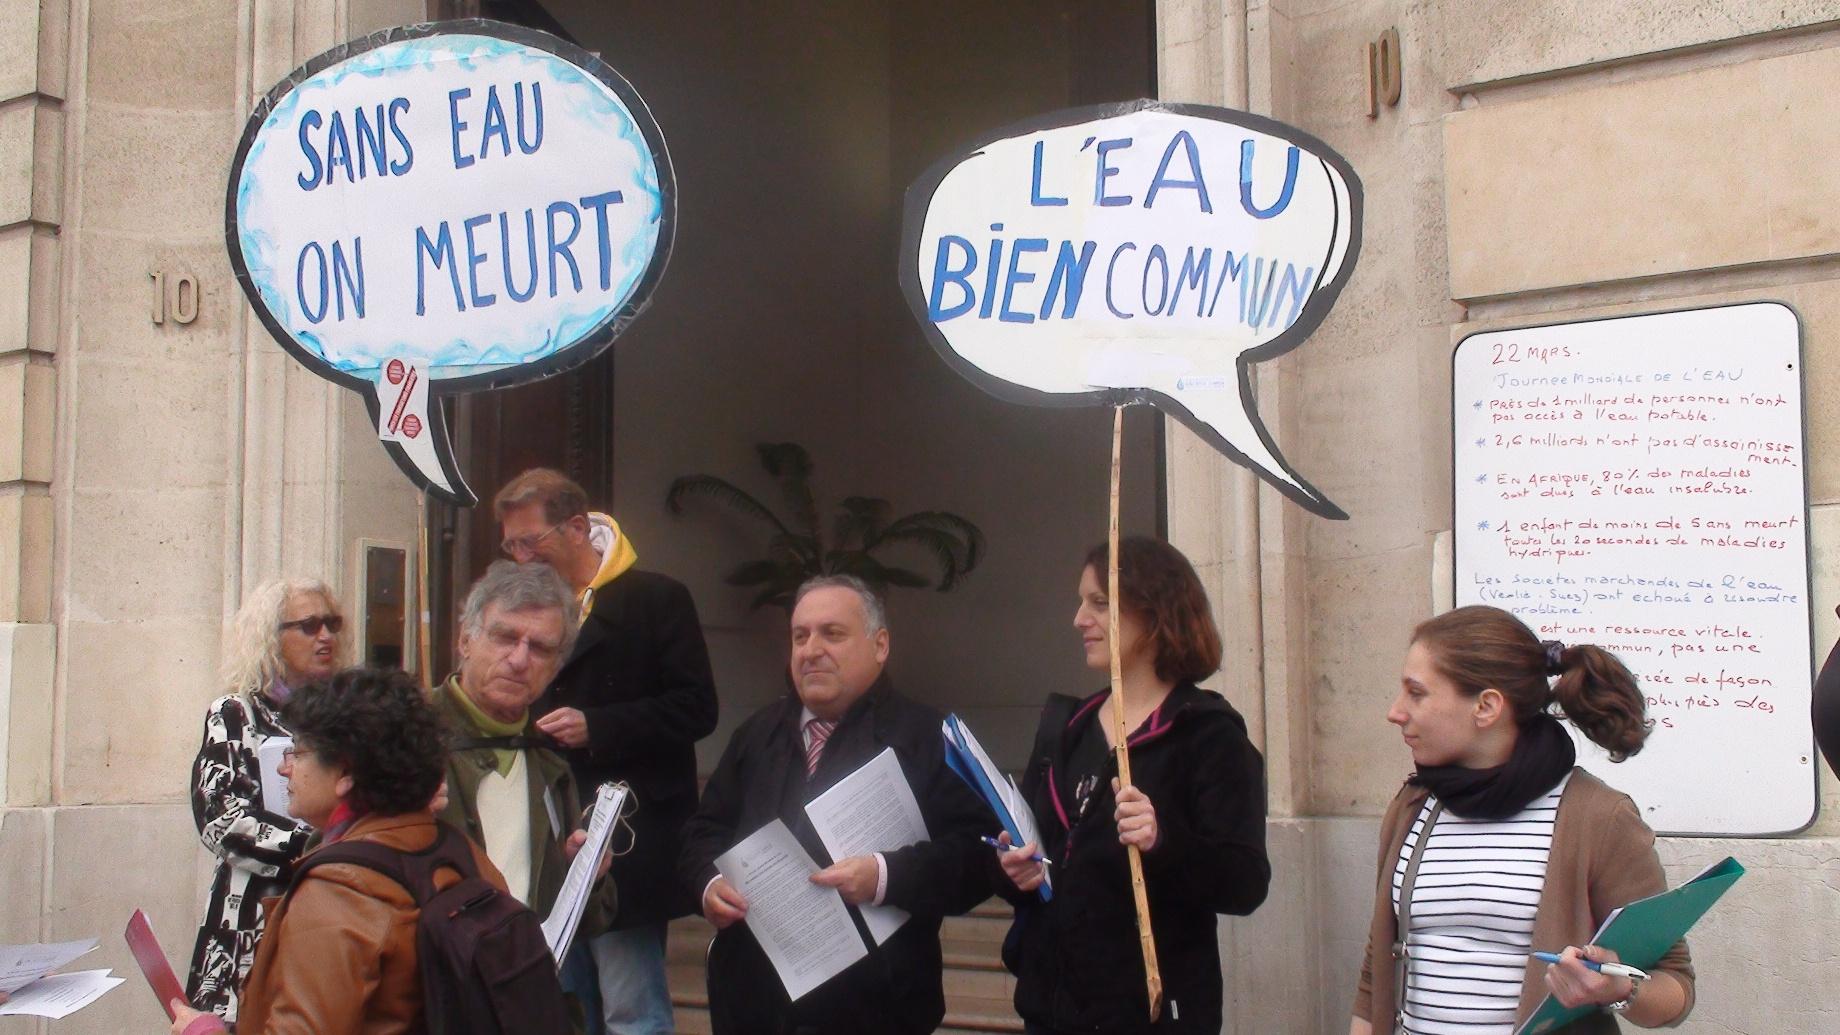 22 Mars, la bataille de l'eau au grand jour avec la «Coordination Eau Bien Commun PACA» !